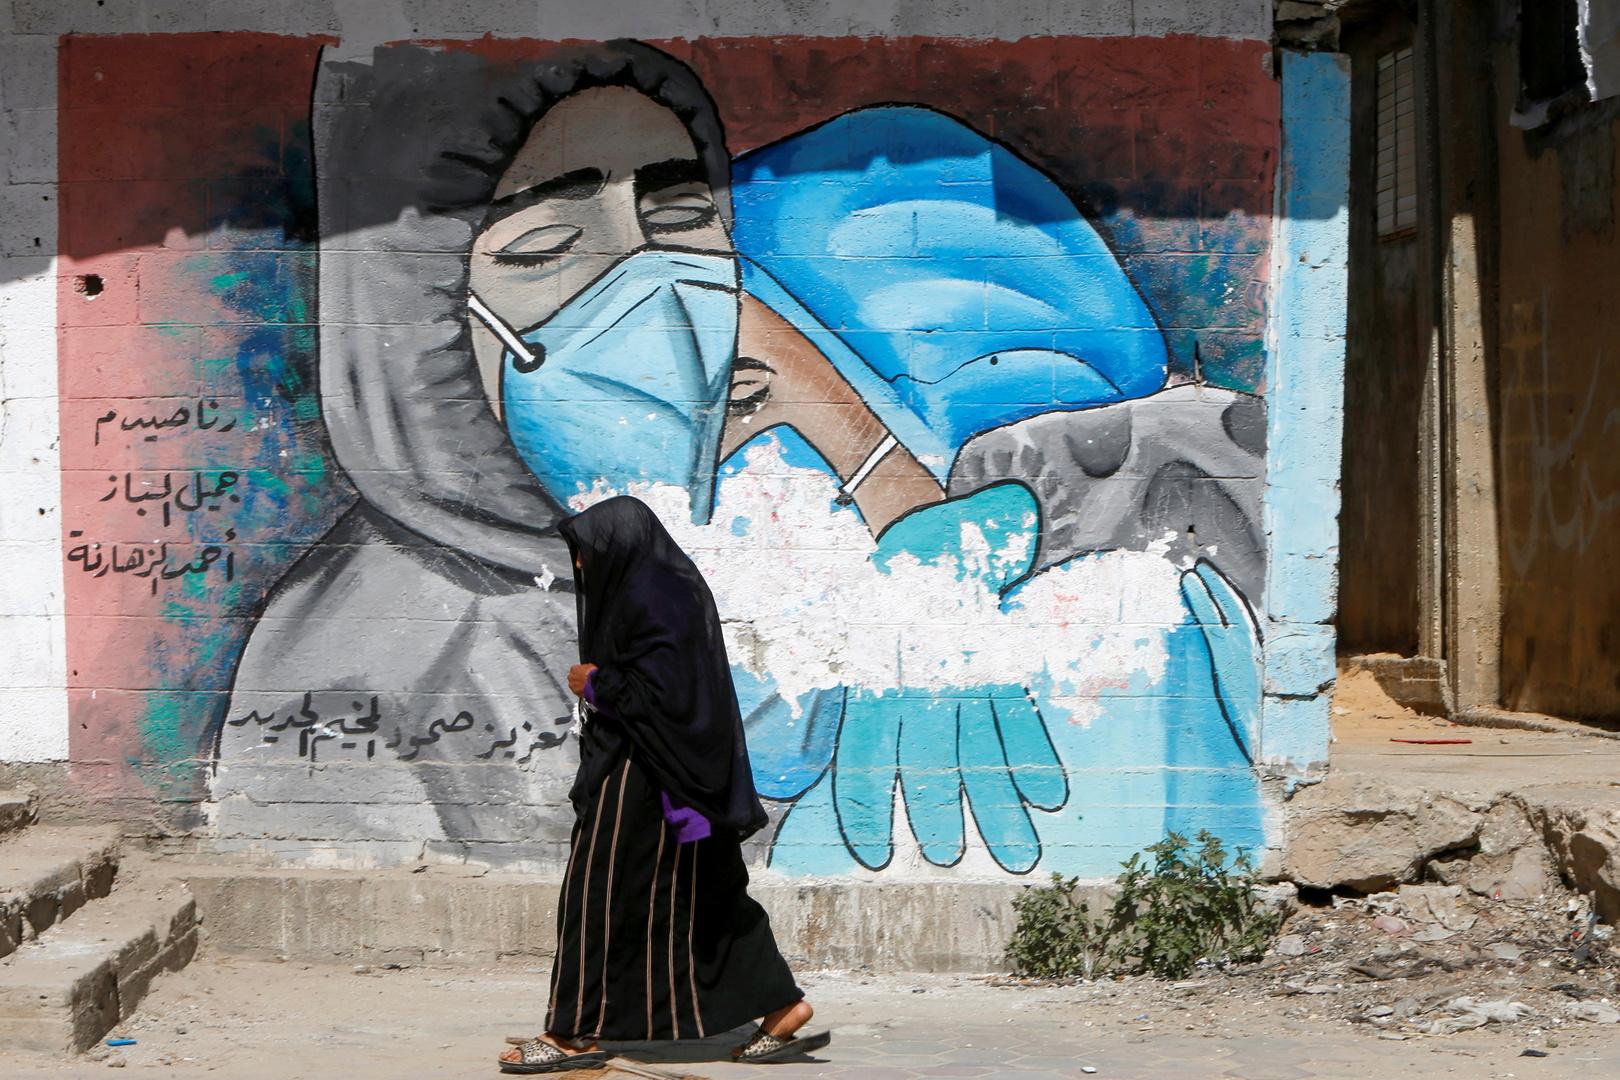 الصليب الأحمر يحذر من خطورة الوضع الوبائي في قطاع غزة